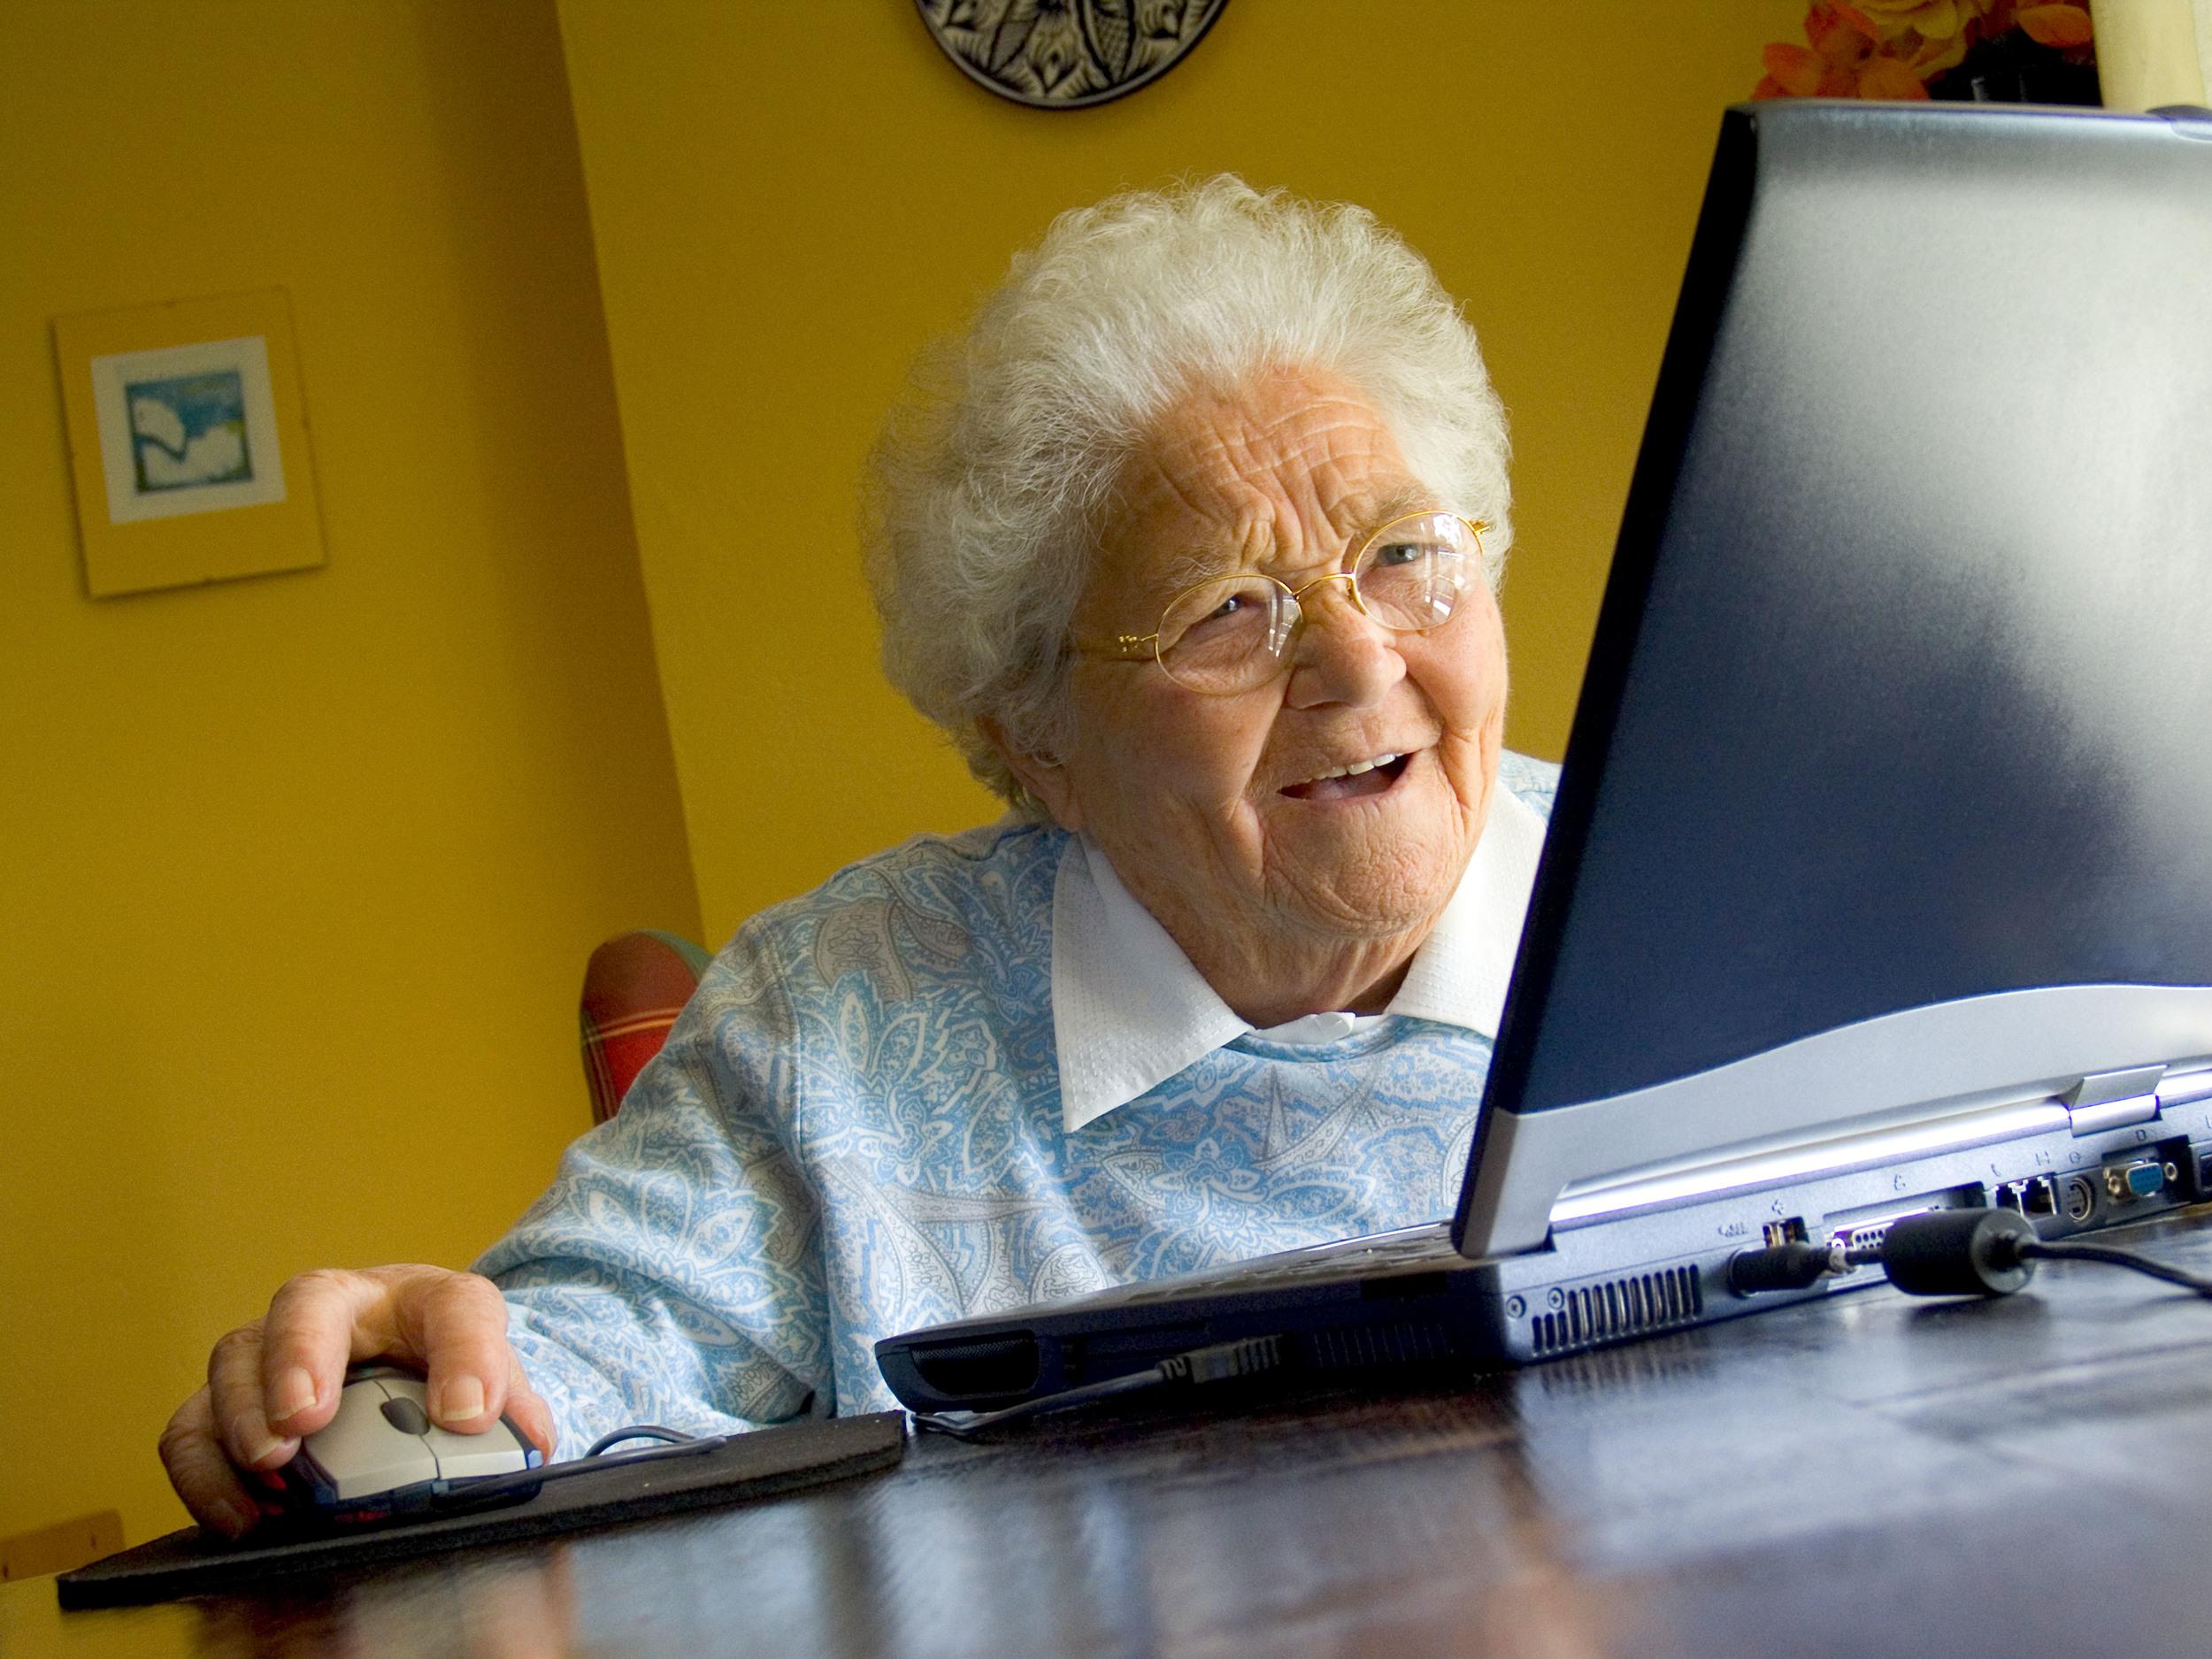 vieille dame sur ordinateur